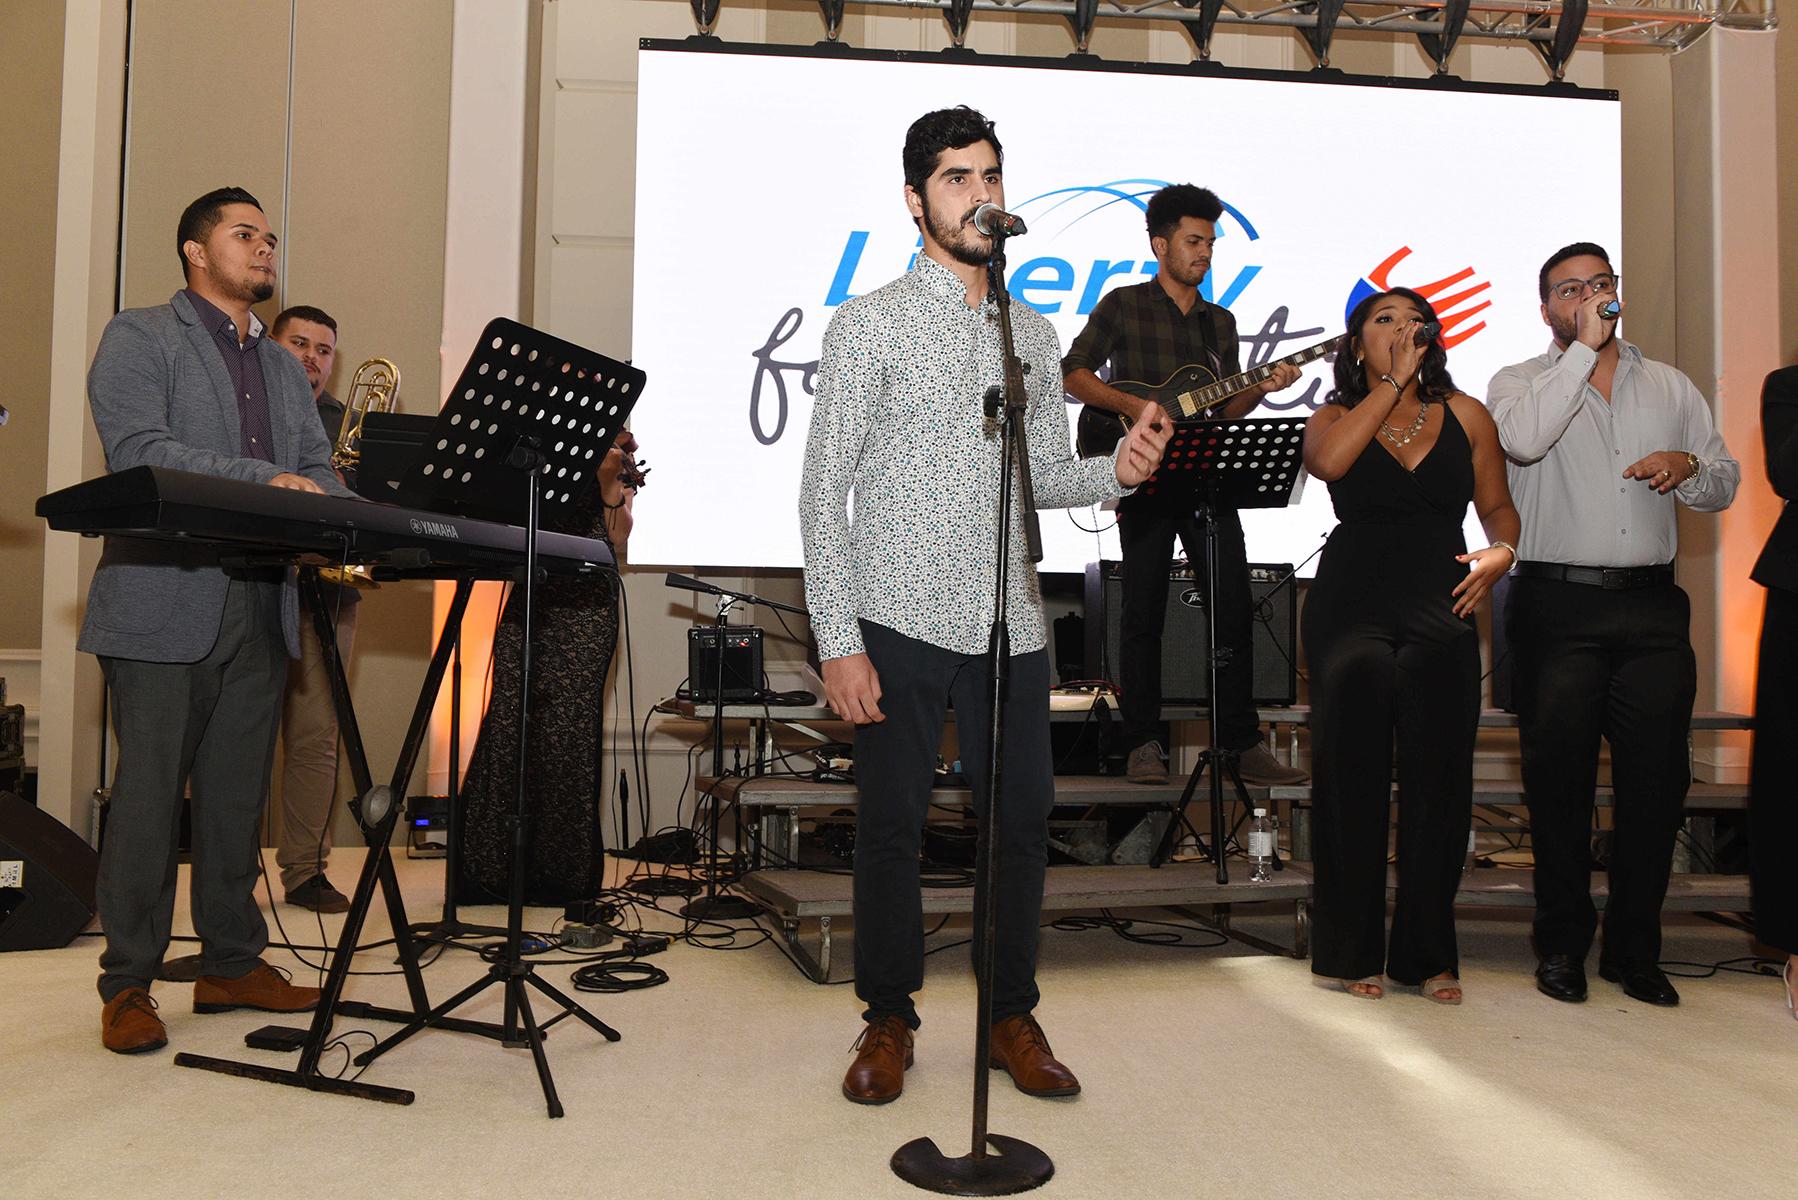 Los estudiantes de música del programa Berklee in Puerto Rico de Make Music Happen cerraron la noche con jazz latino, folclore latinoamericano, canciones típicas de Puerto Rico e interpretaciones de los años '80. (Fotos: Ingrid Torres)